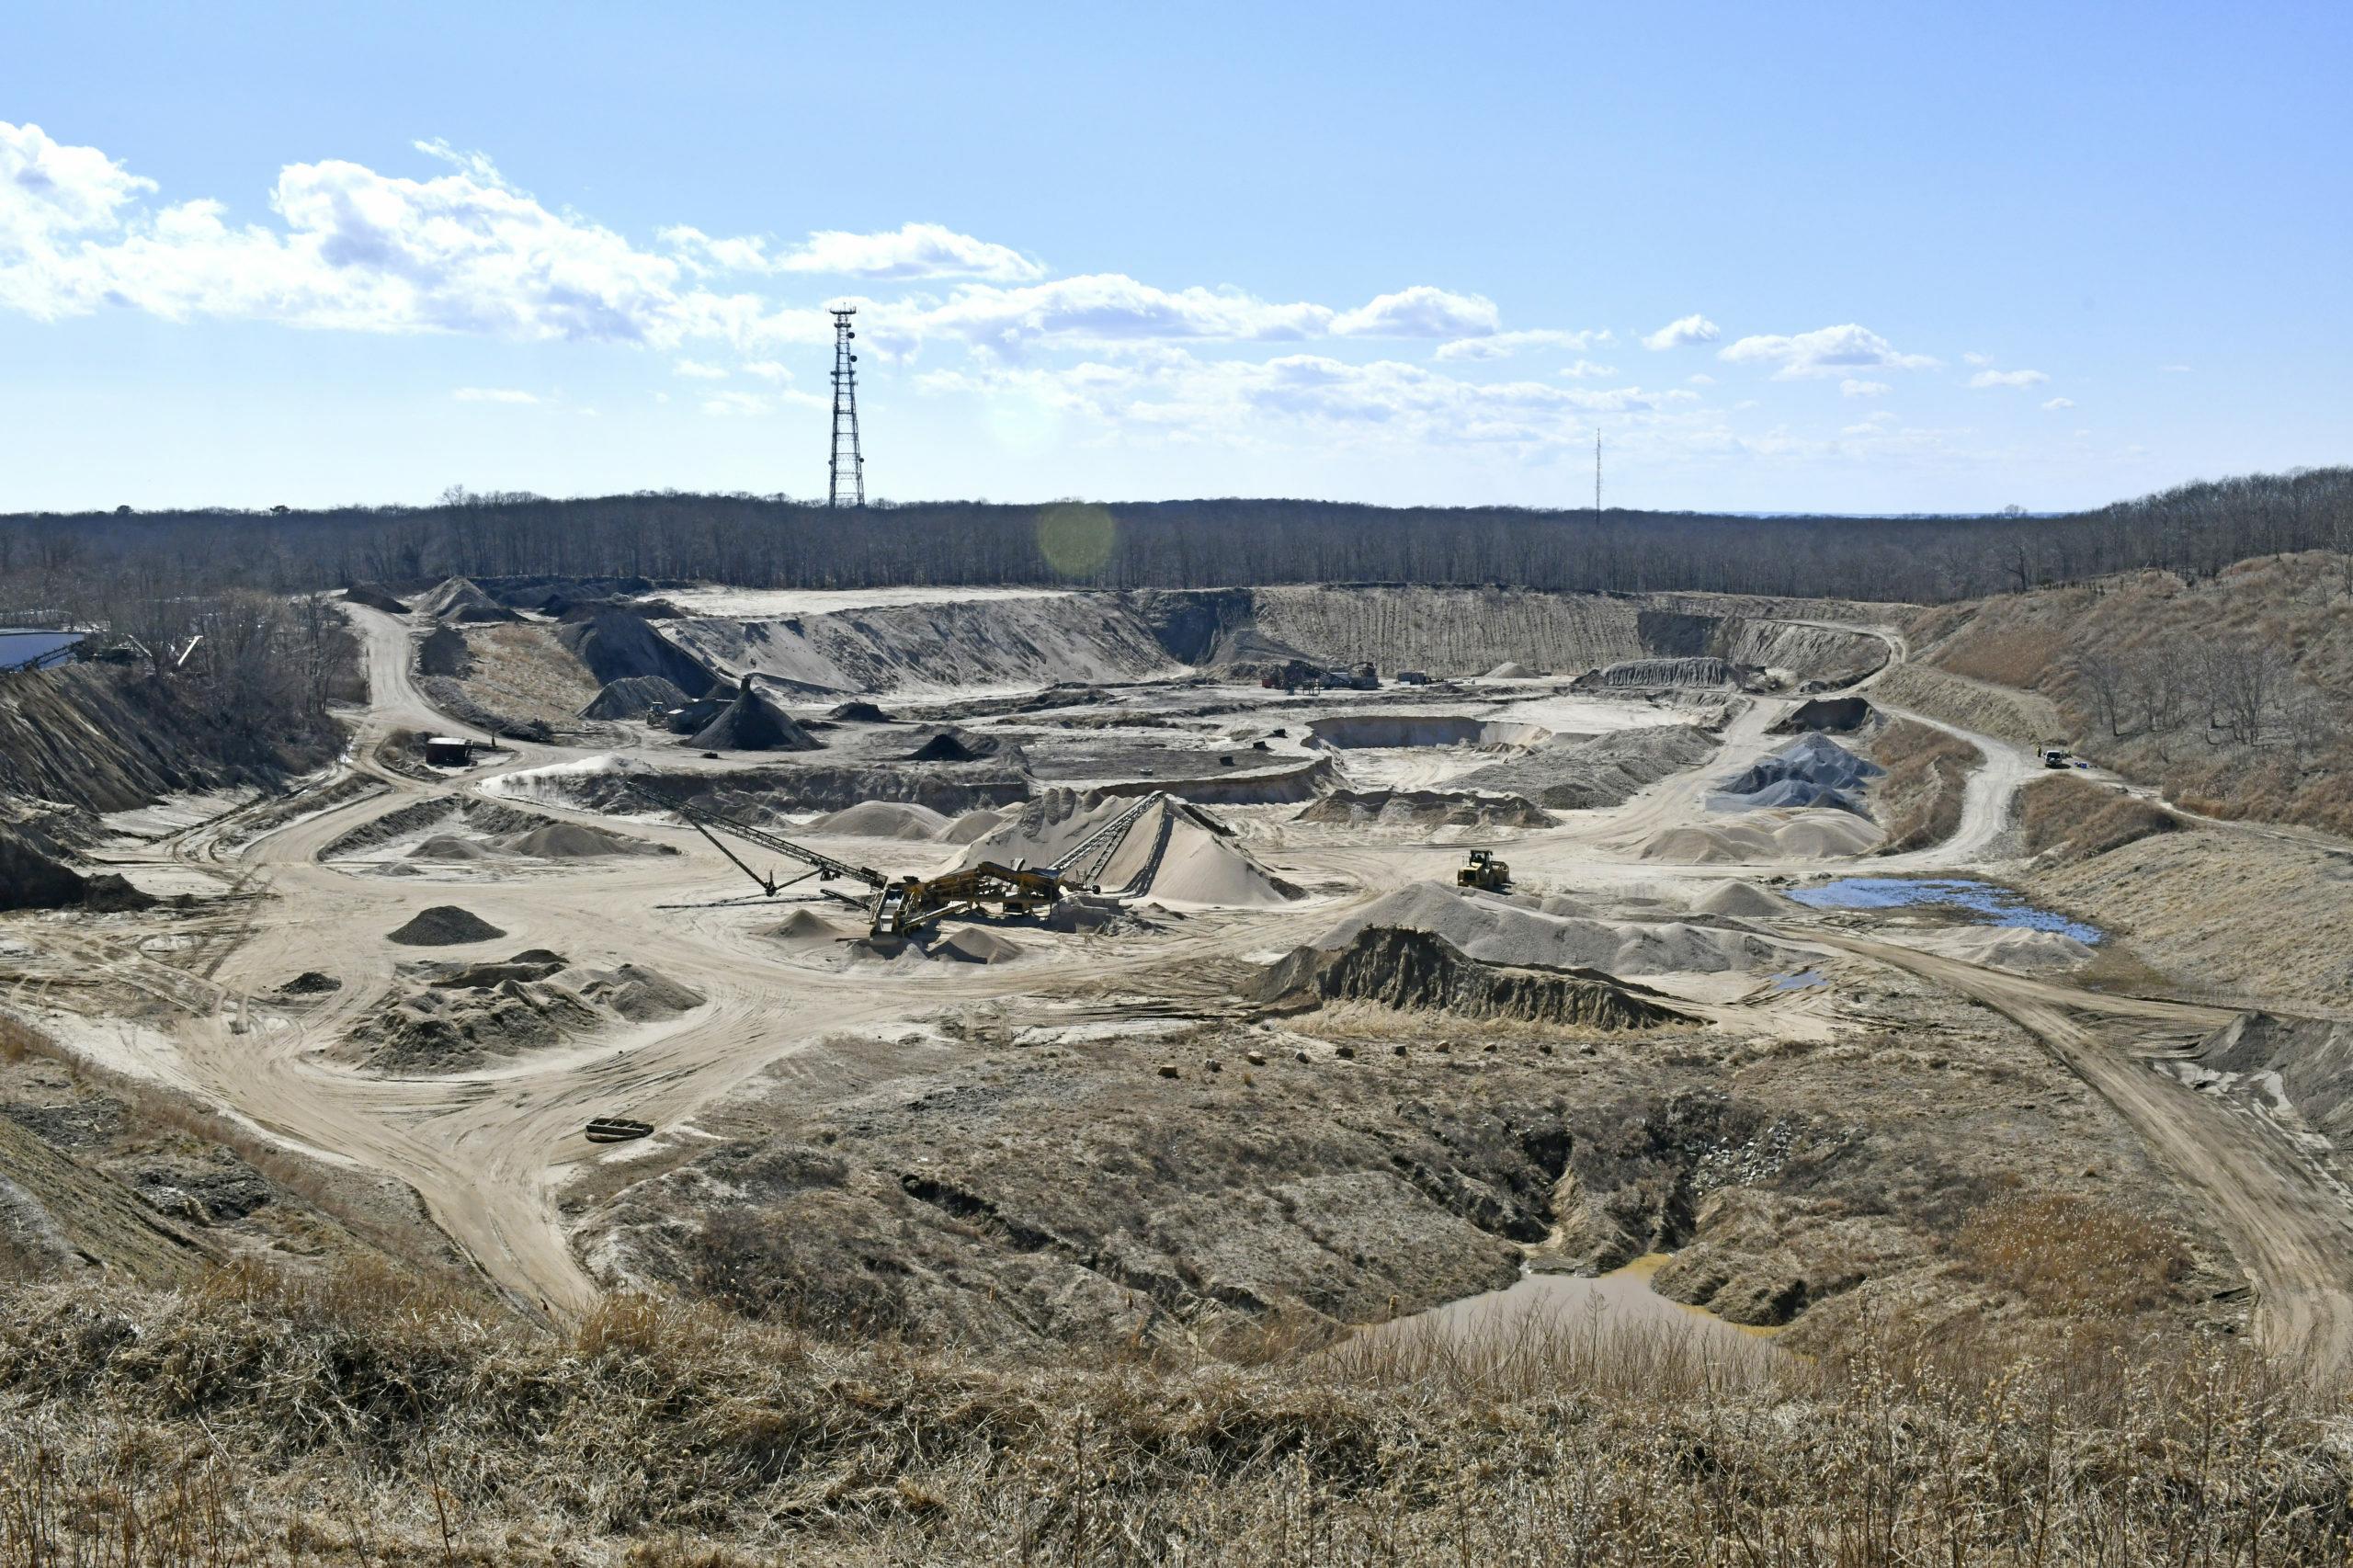 The Sand Land mining operation in Bridgehampton. EXPRESS FILE